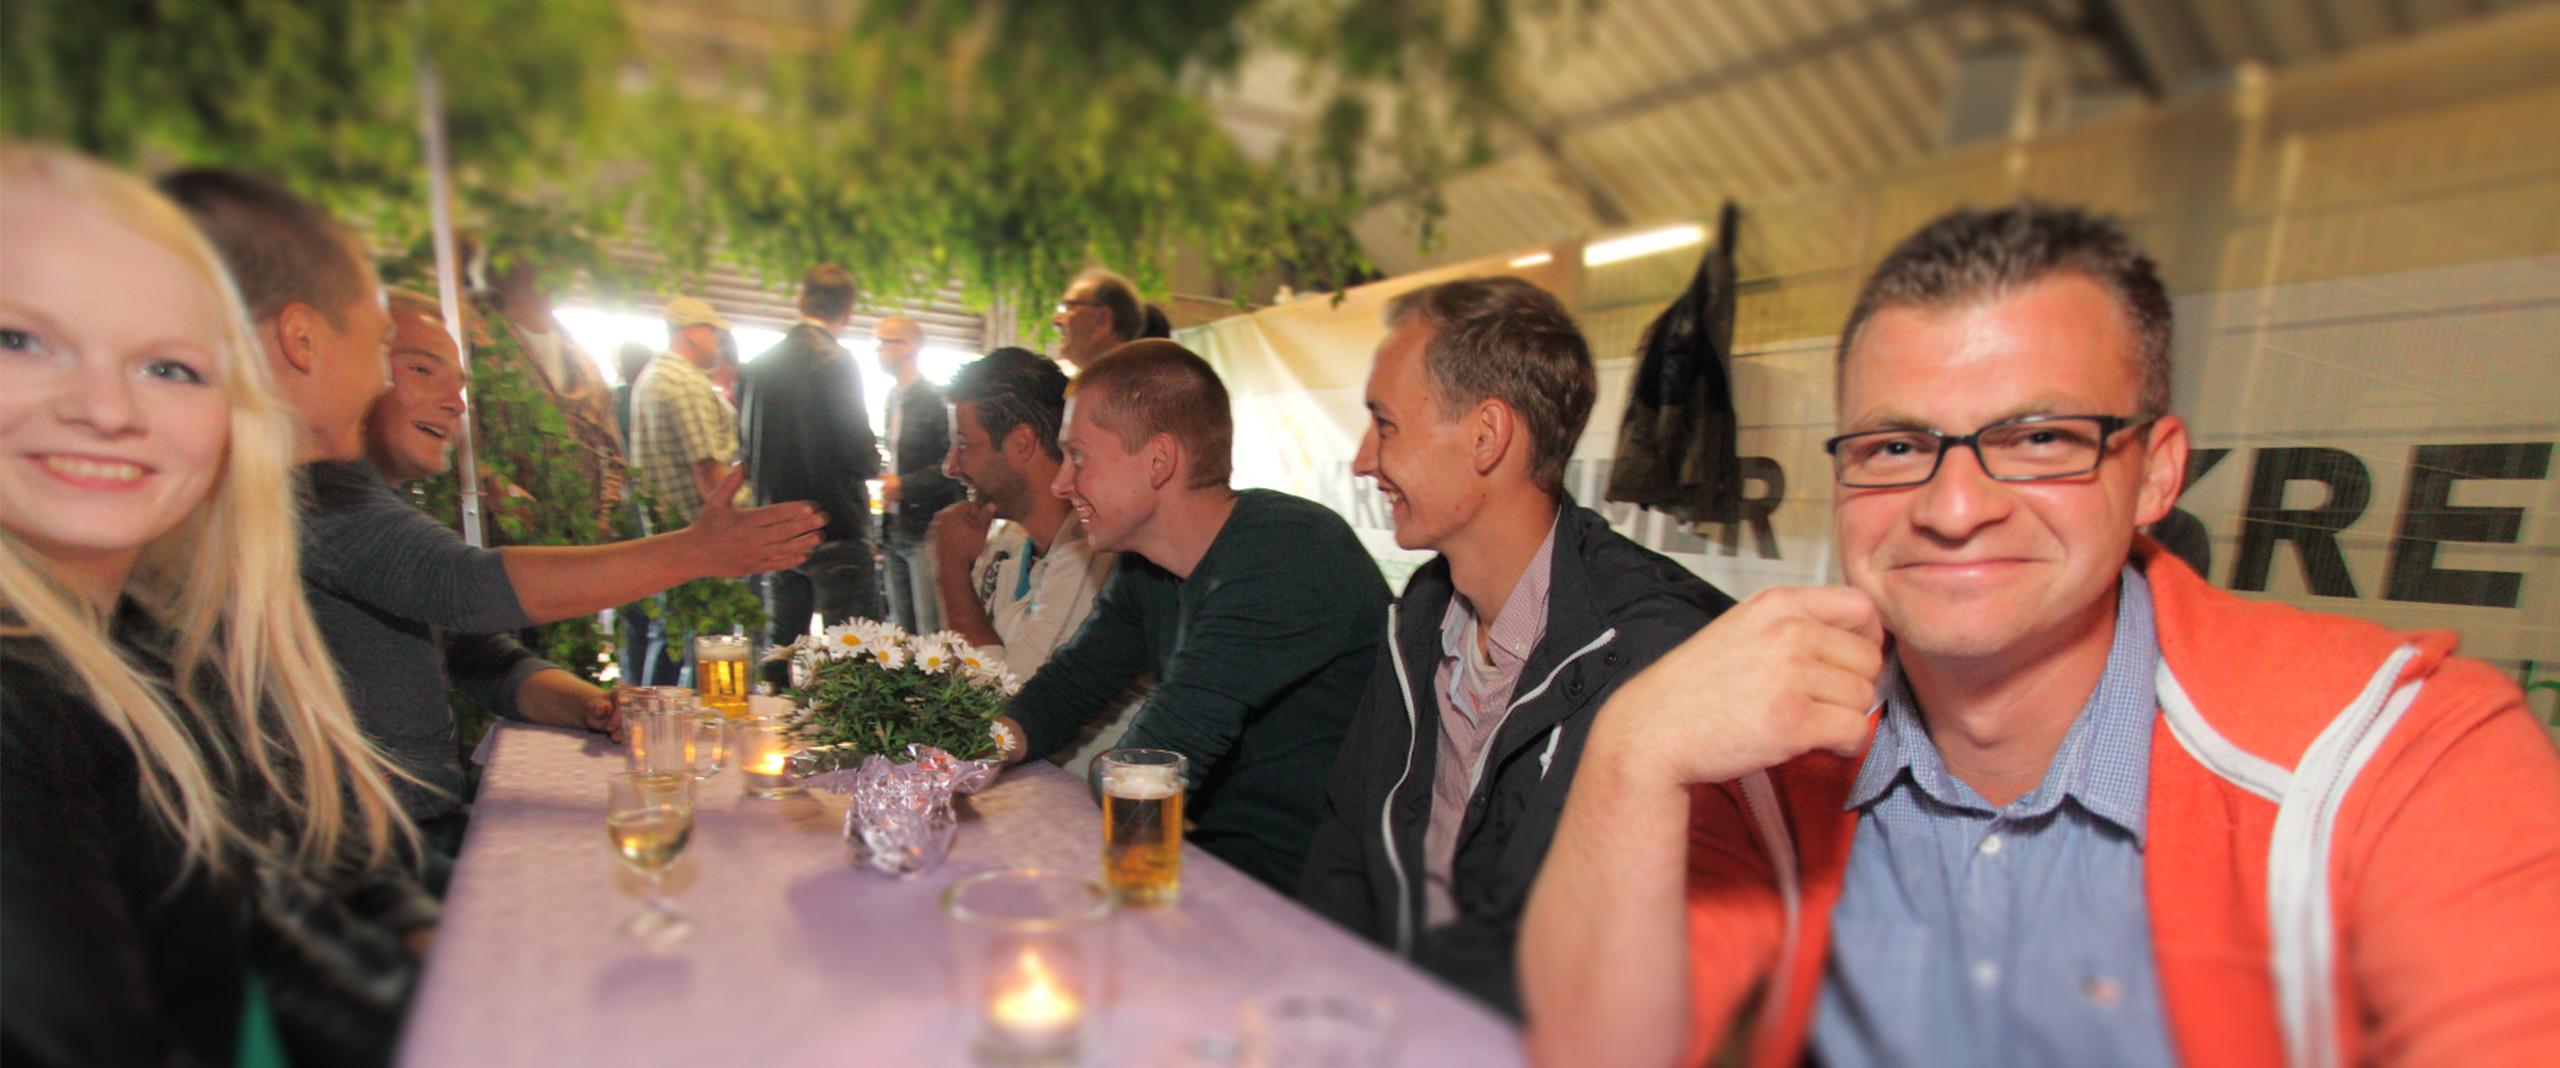 KRE_Sommerfest_06